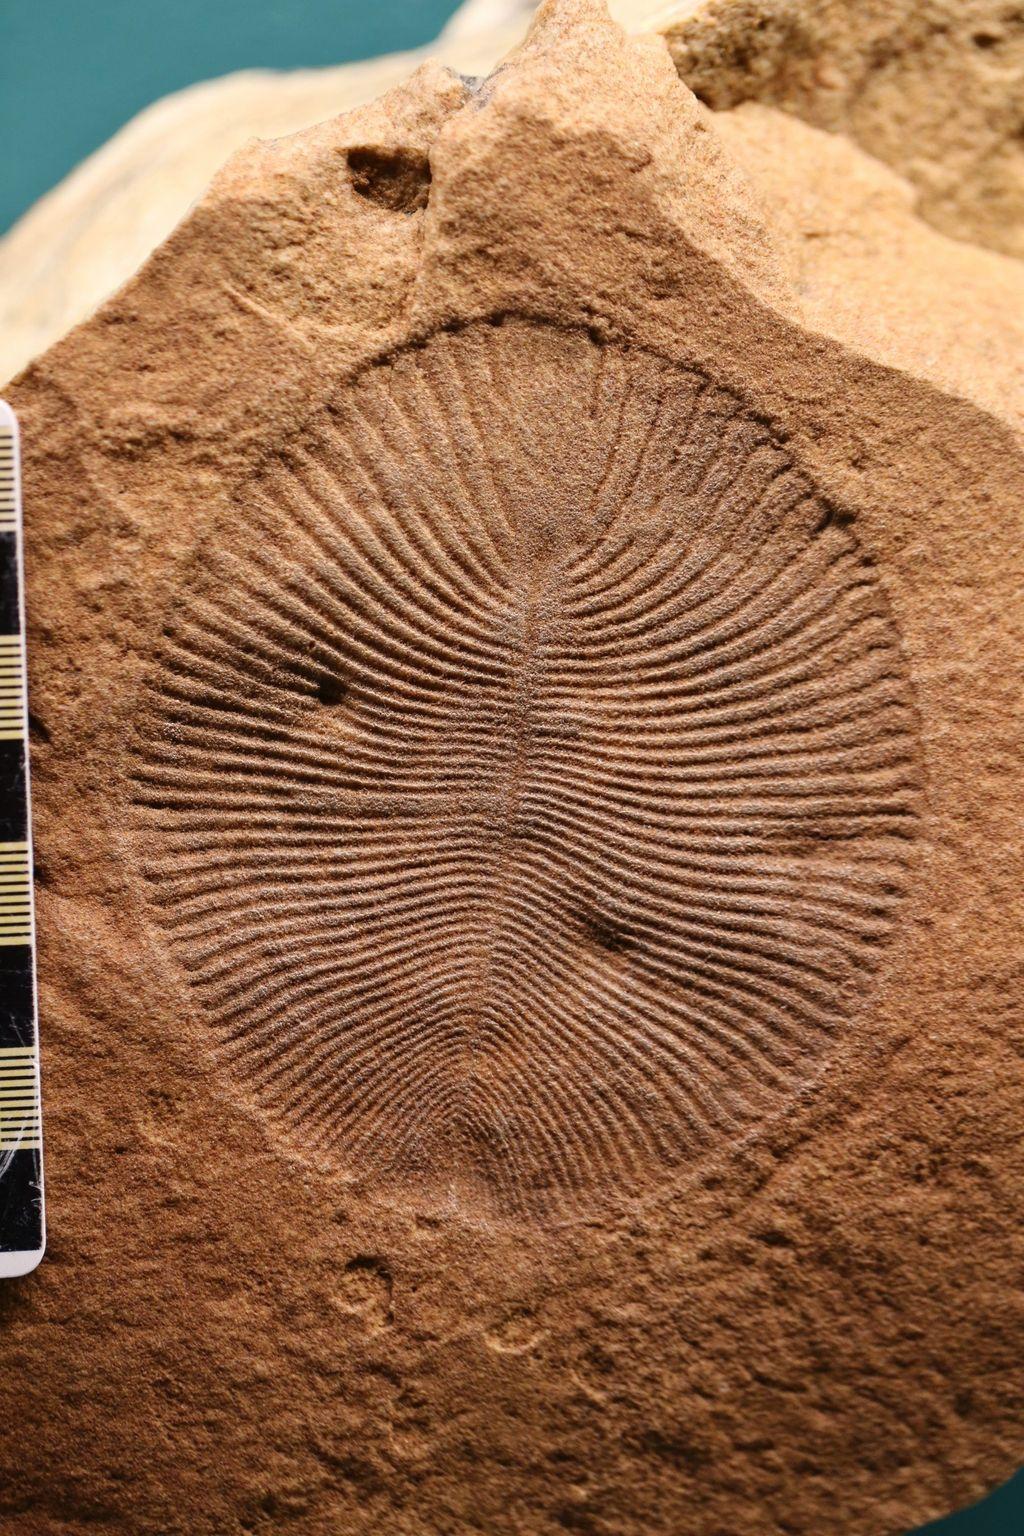 Dickinsonia sampai saat ini diketahui sebagai hewan paling tua dalam sejarah Bumi. (Gambar: University of Oxford)